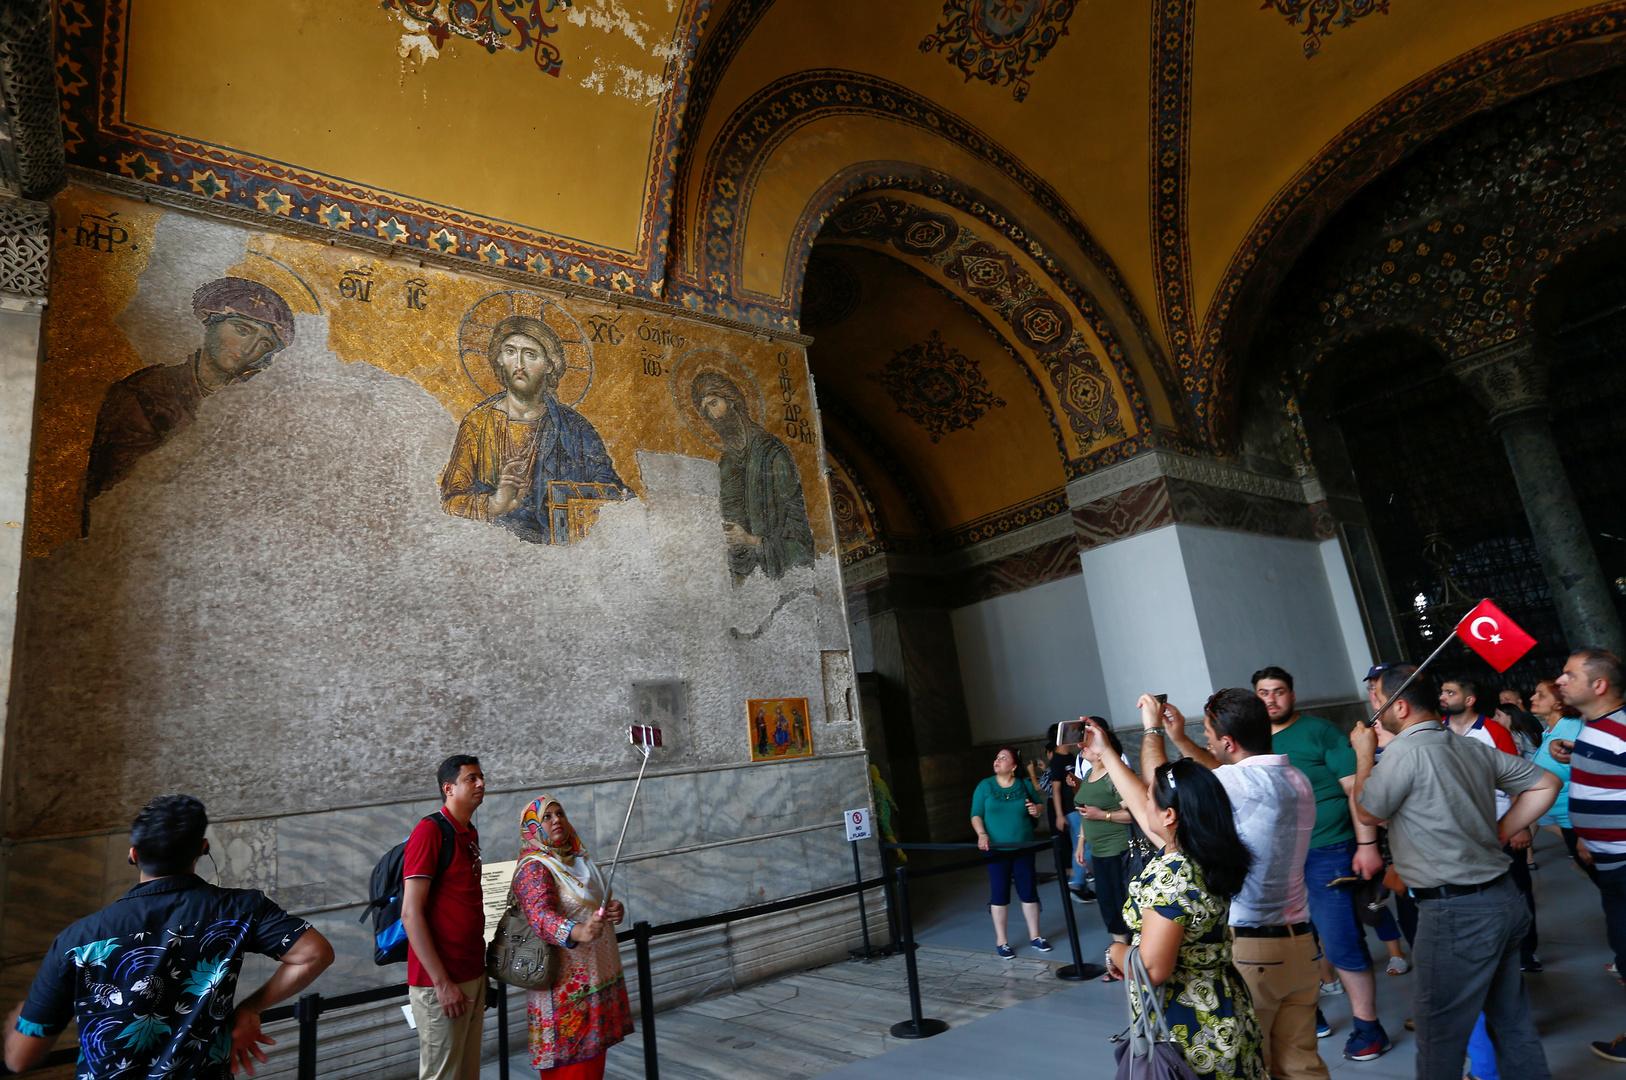 أيقونات مسيحية داخل معلم آيا صوفيا التاريخي